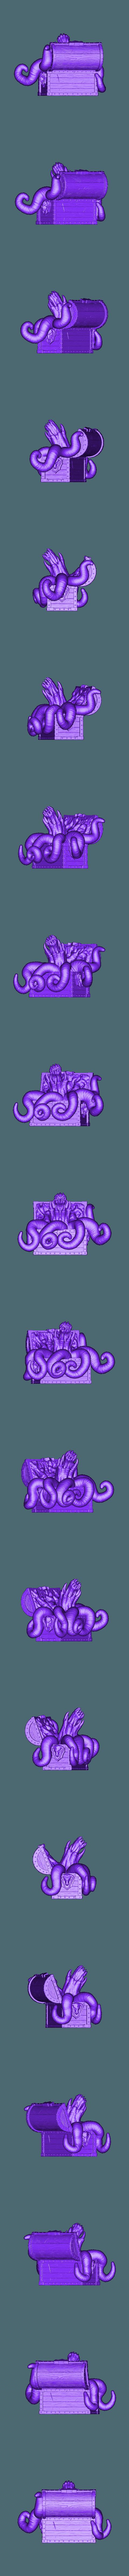 Mimic1.stl Télécharger fichier STL gratuit Mimer • Plan imprimable en 3D, schlossbauer